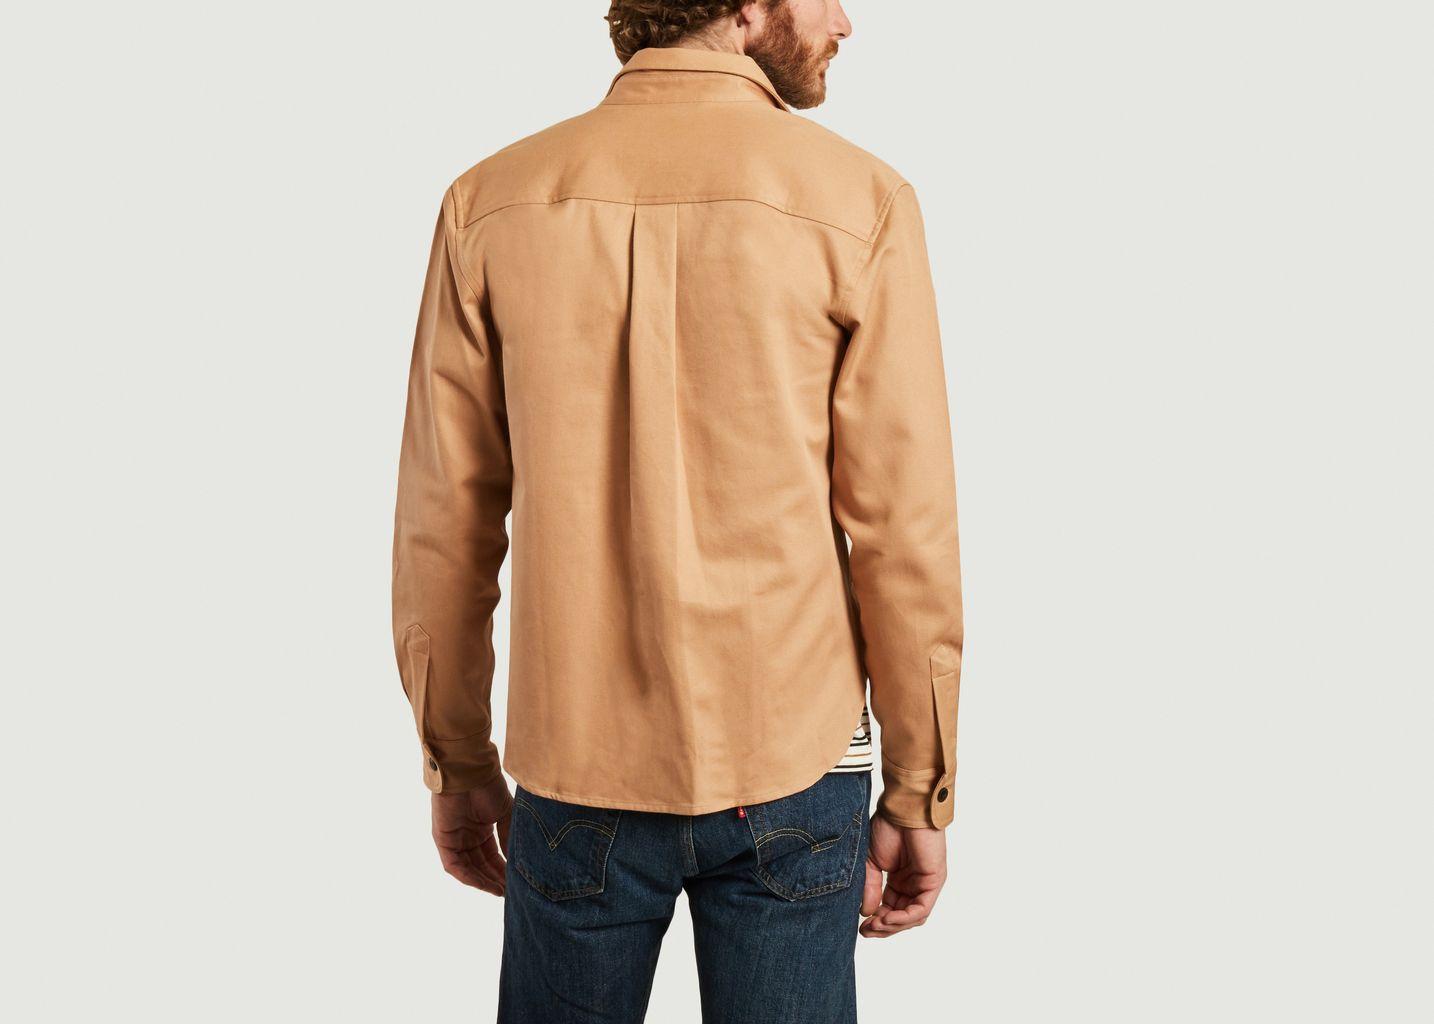 Buttoned overshirt - AMI Paris